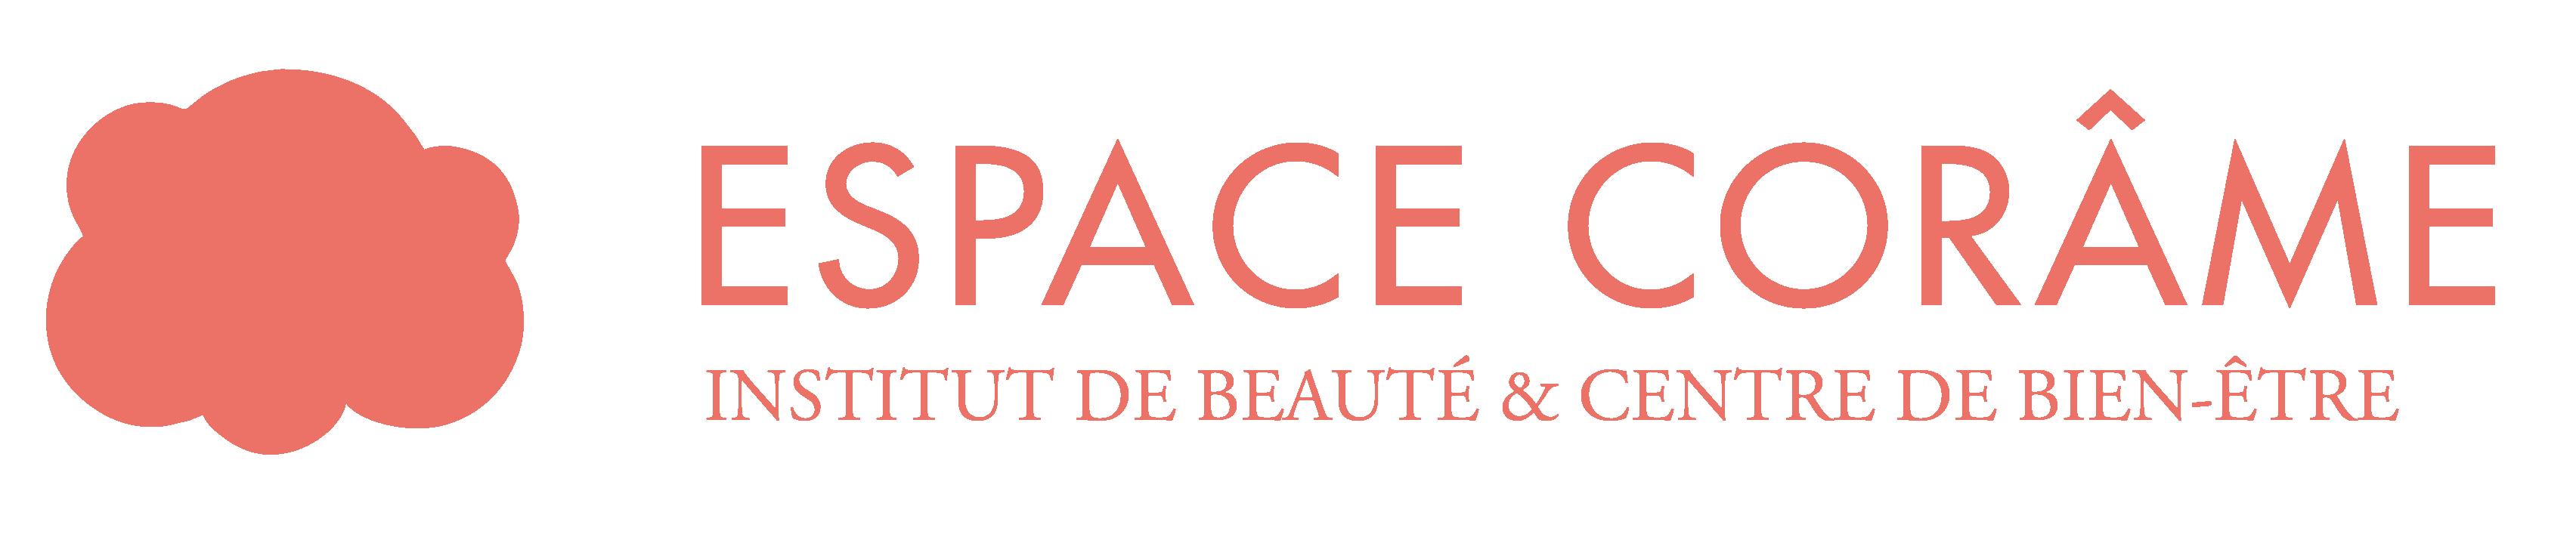 Espace Corâme